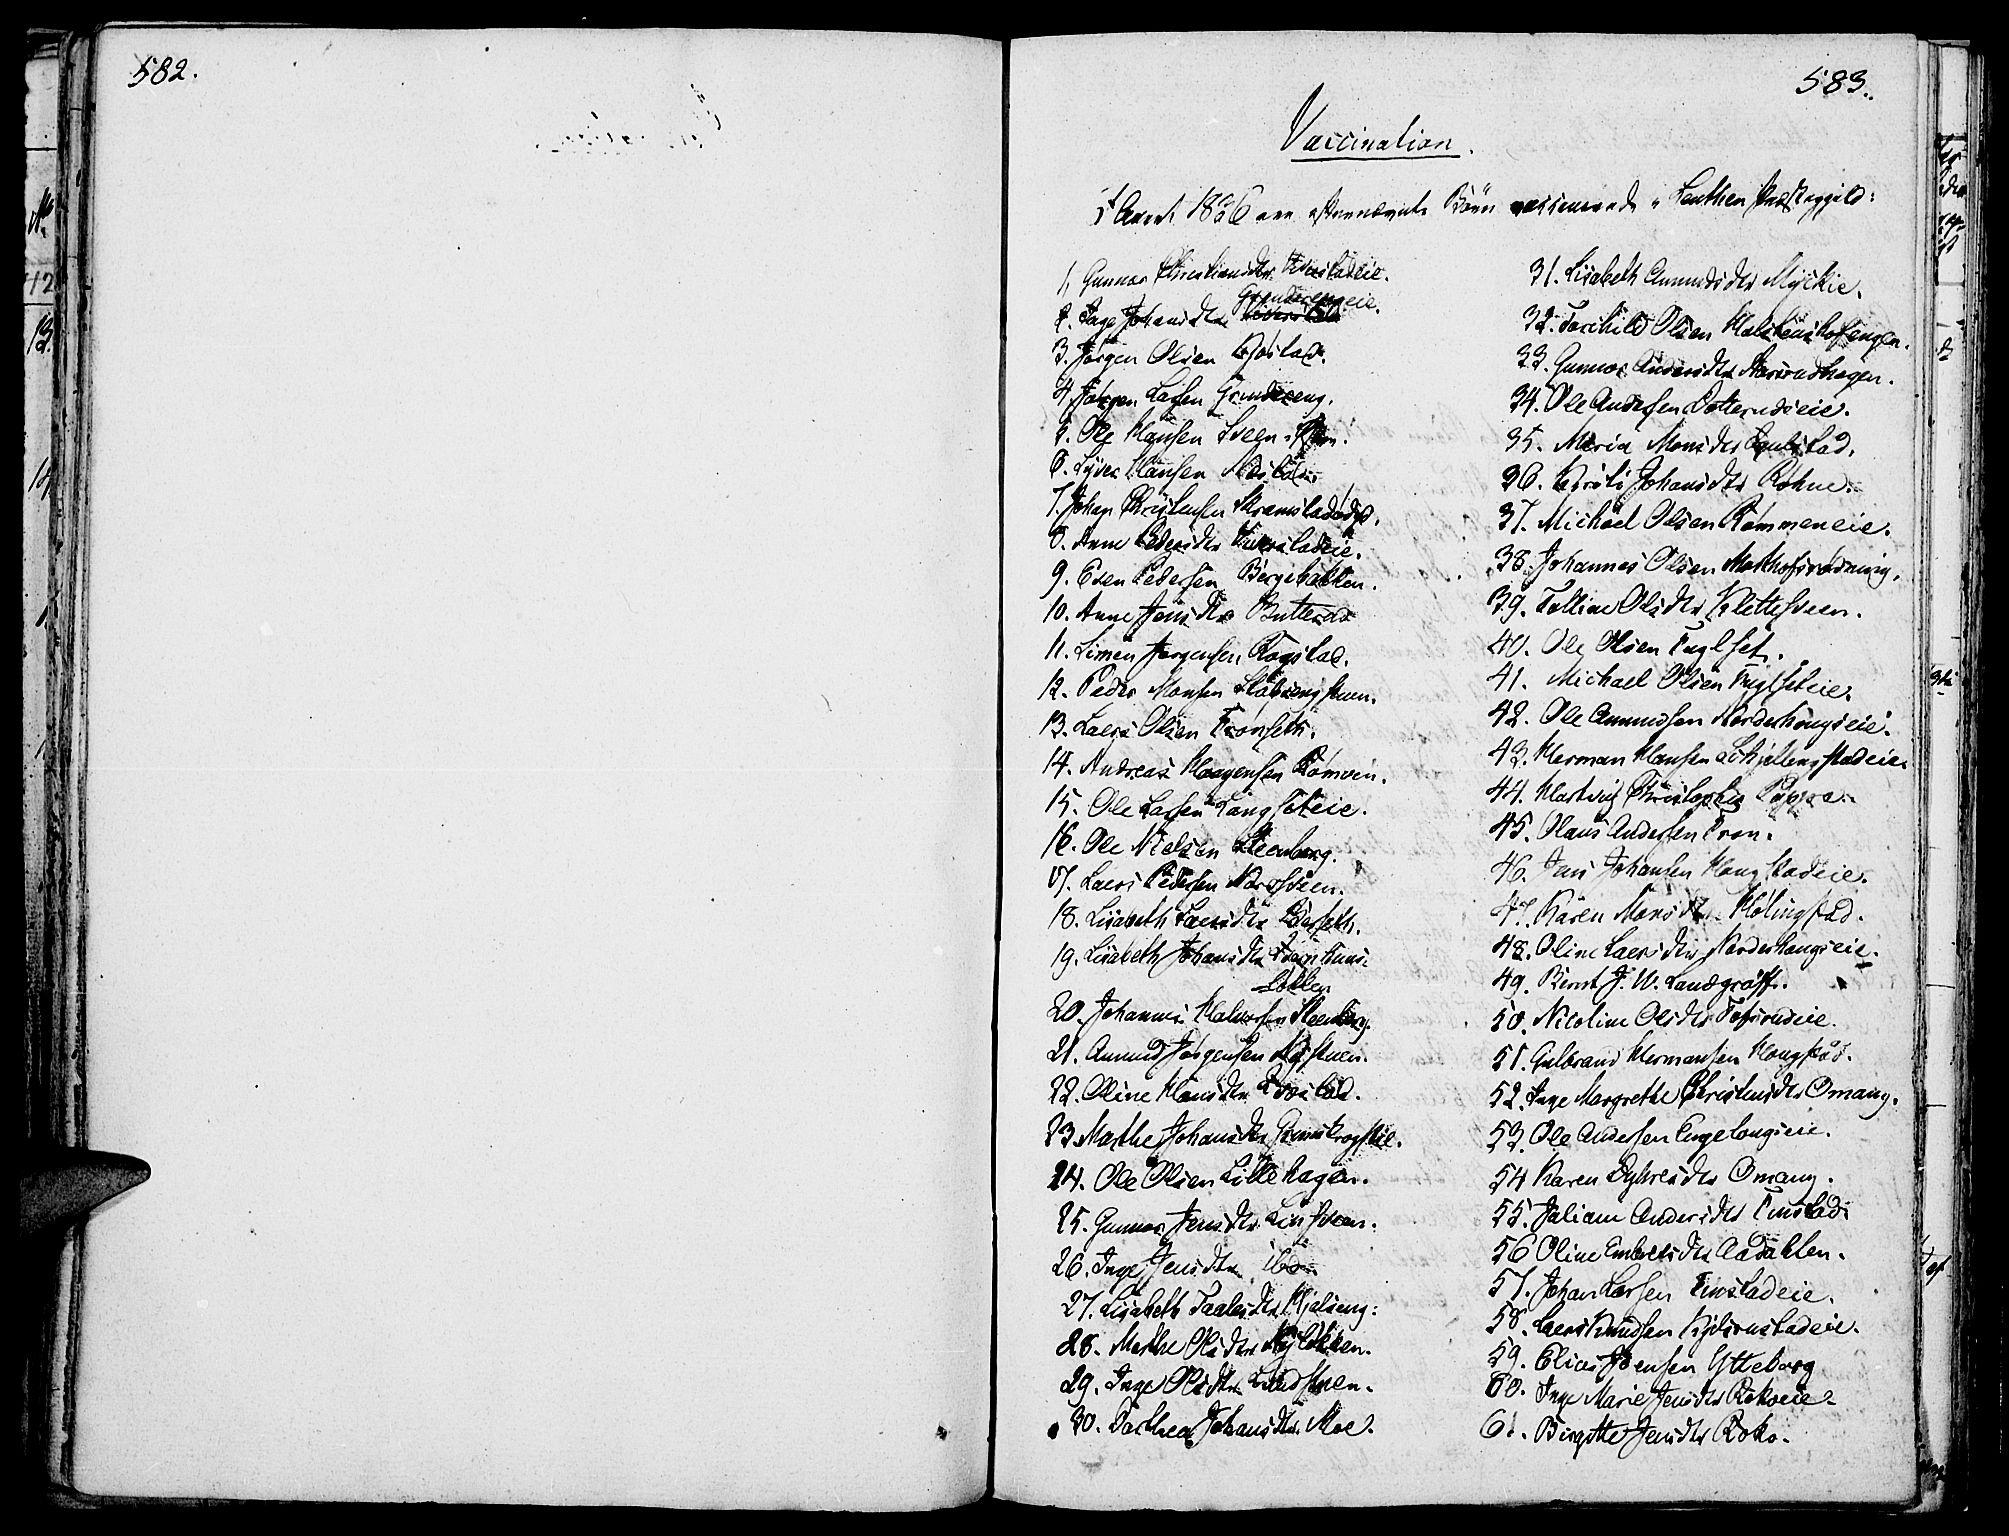 SAH, Løten prestekontor, K/Ka/L0006: Parish register (official) no. 6, 1832-1849, p. 582-583